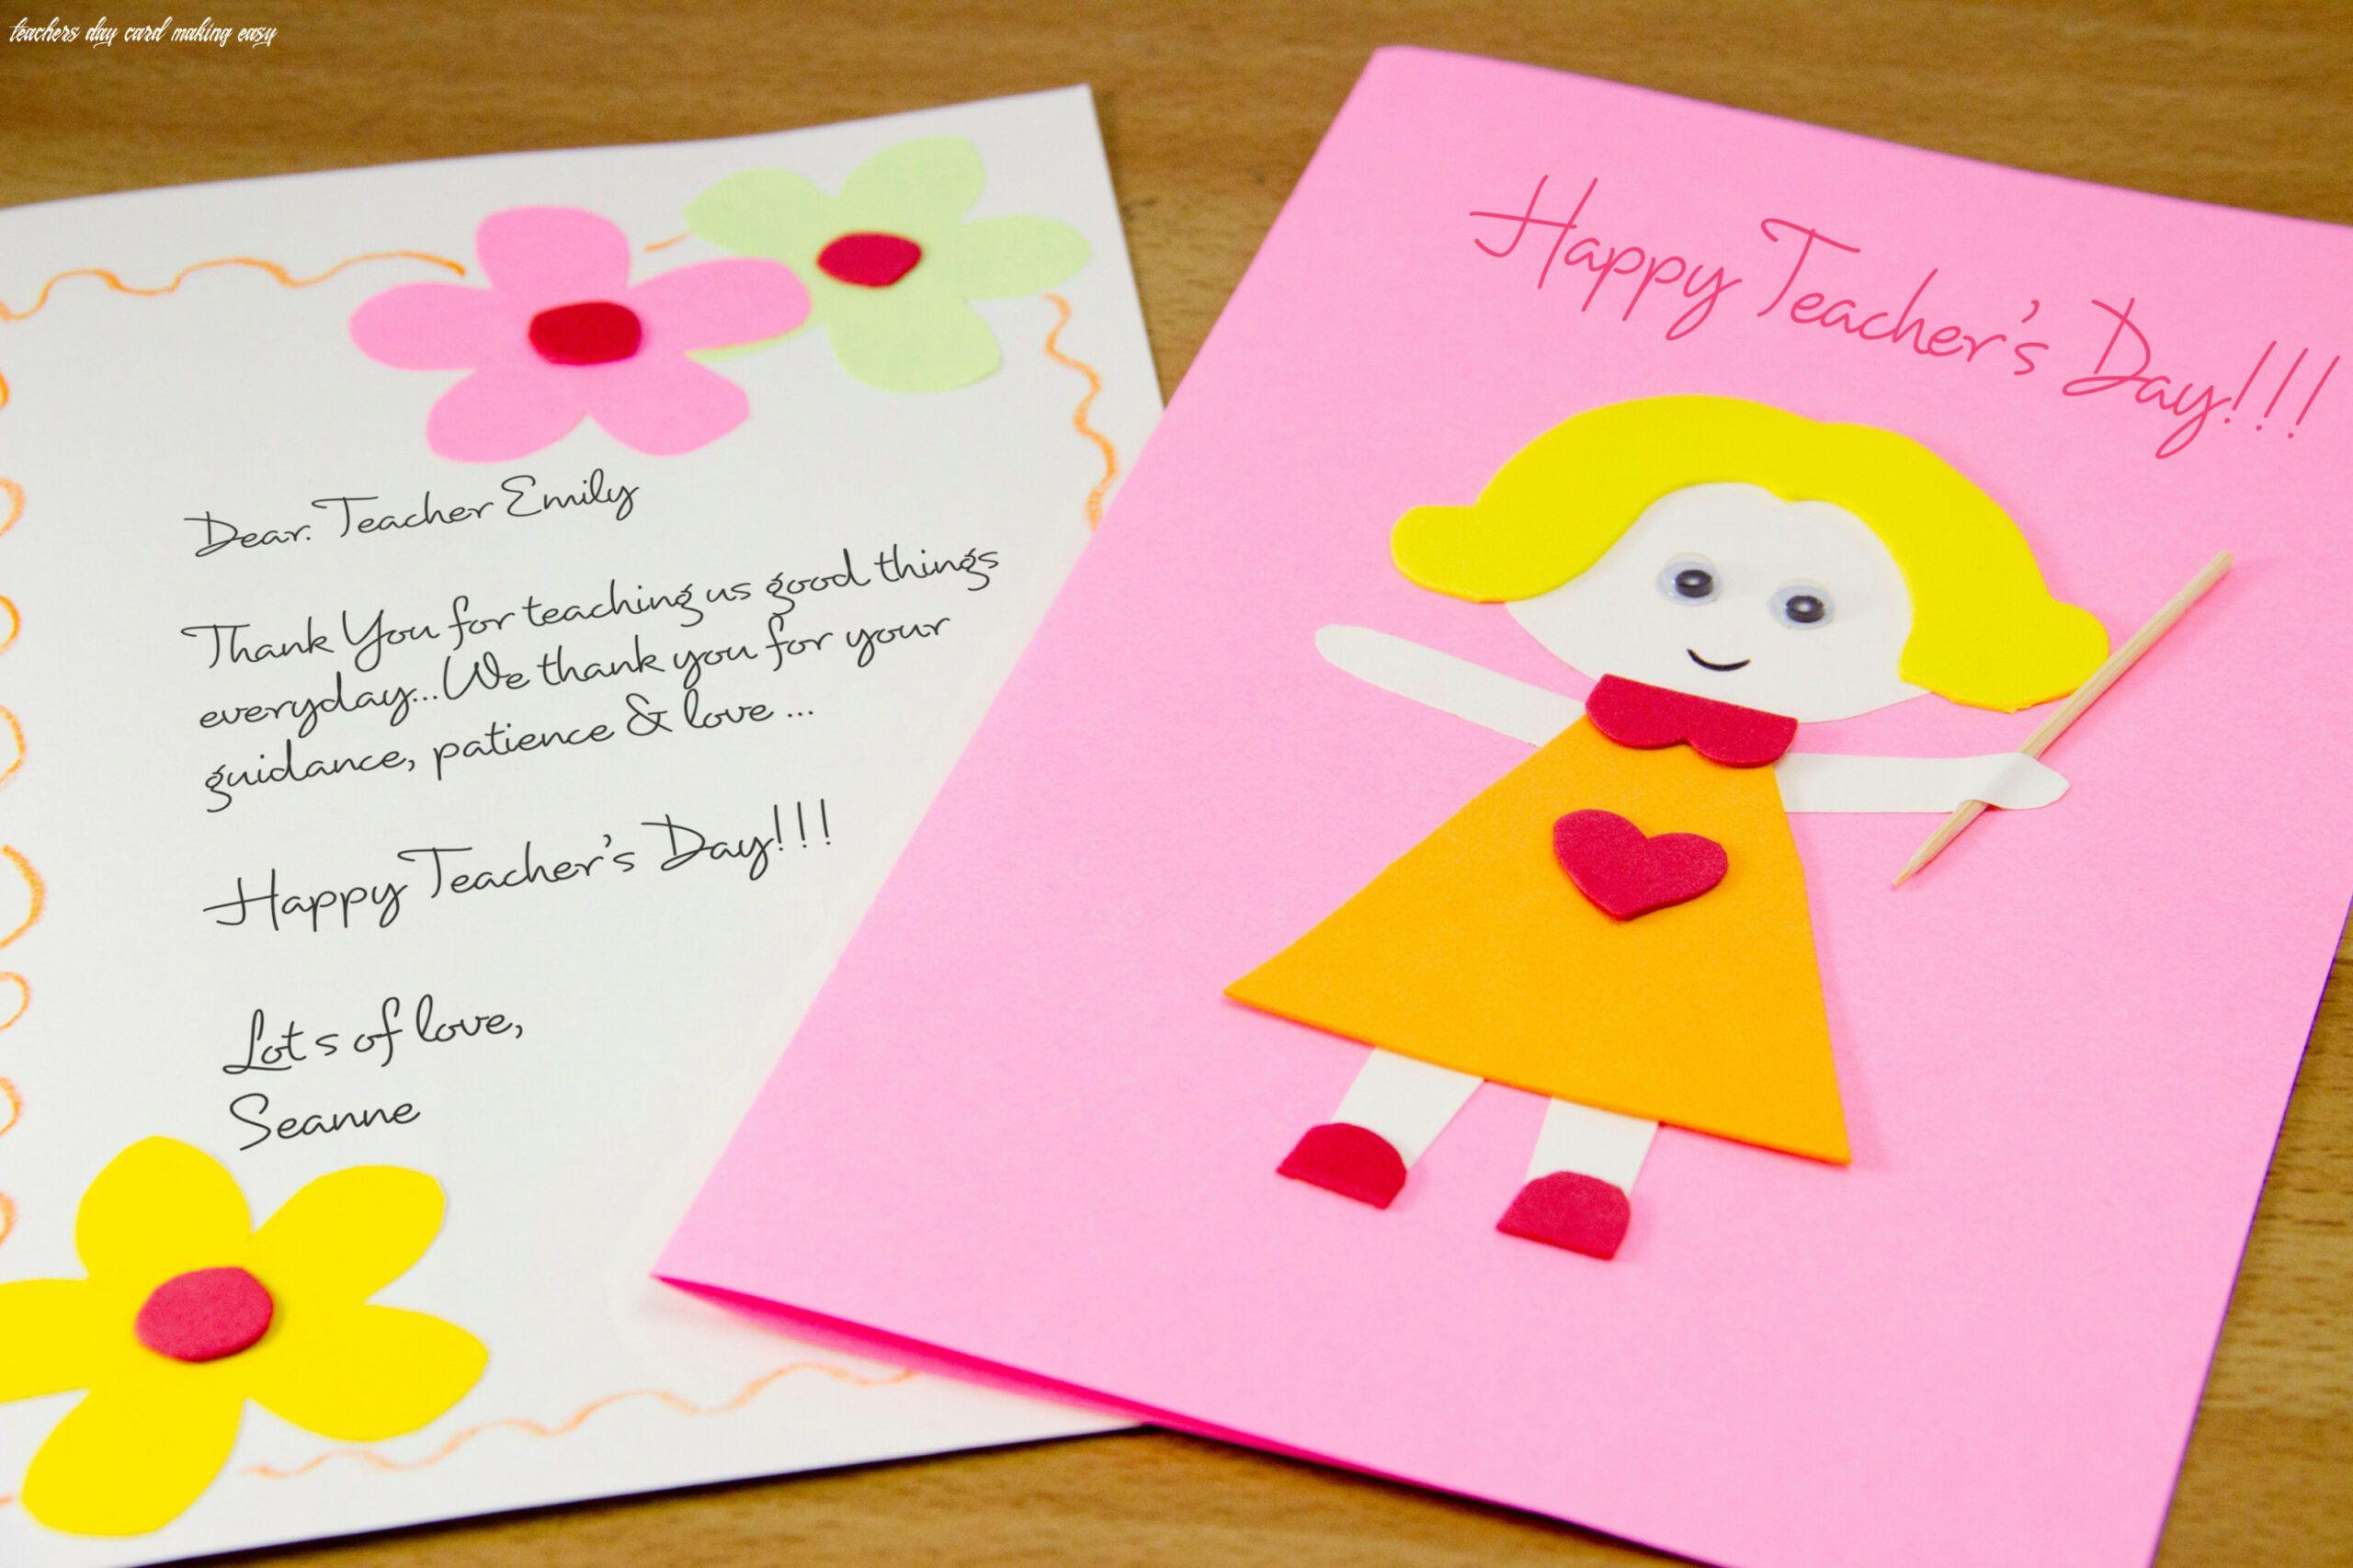 6 Teachers Day Card Making Easy In 2020 Teacher Birthday Card Teachers Day Card Simple Birthday Cards